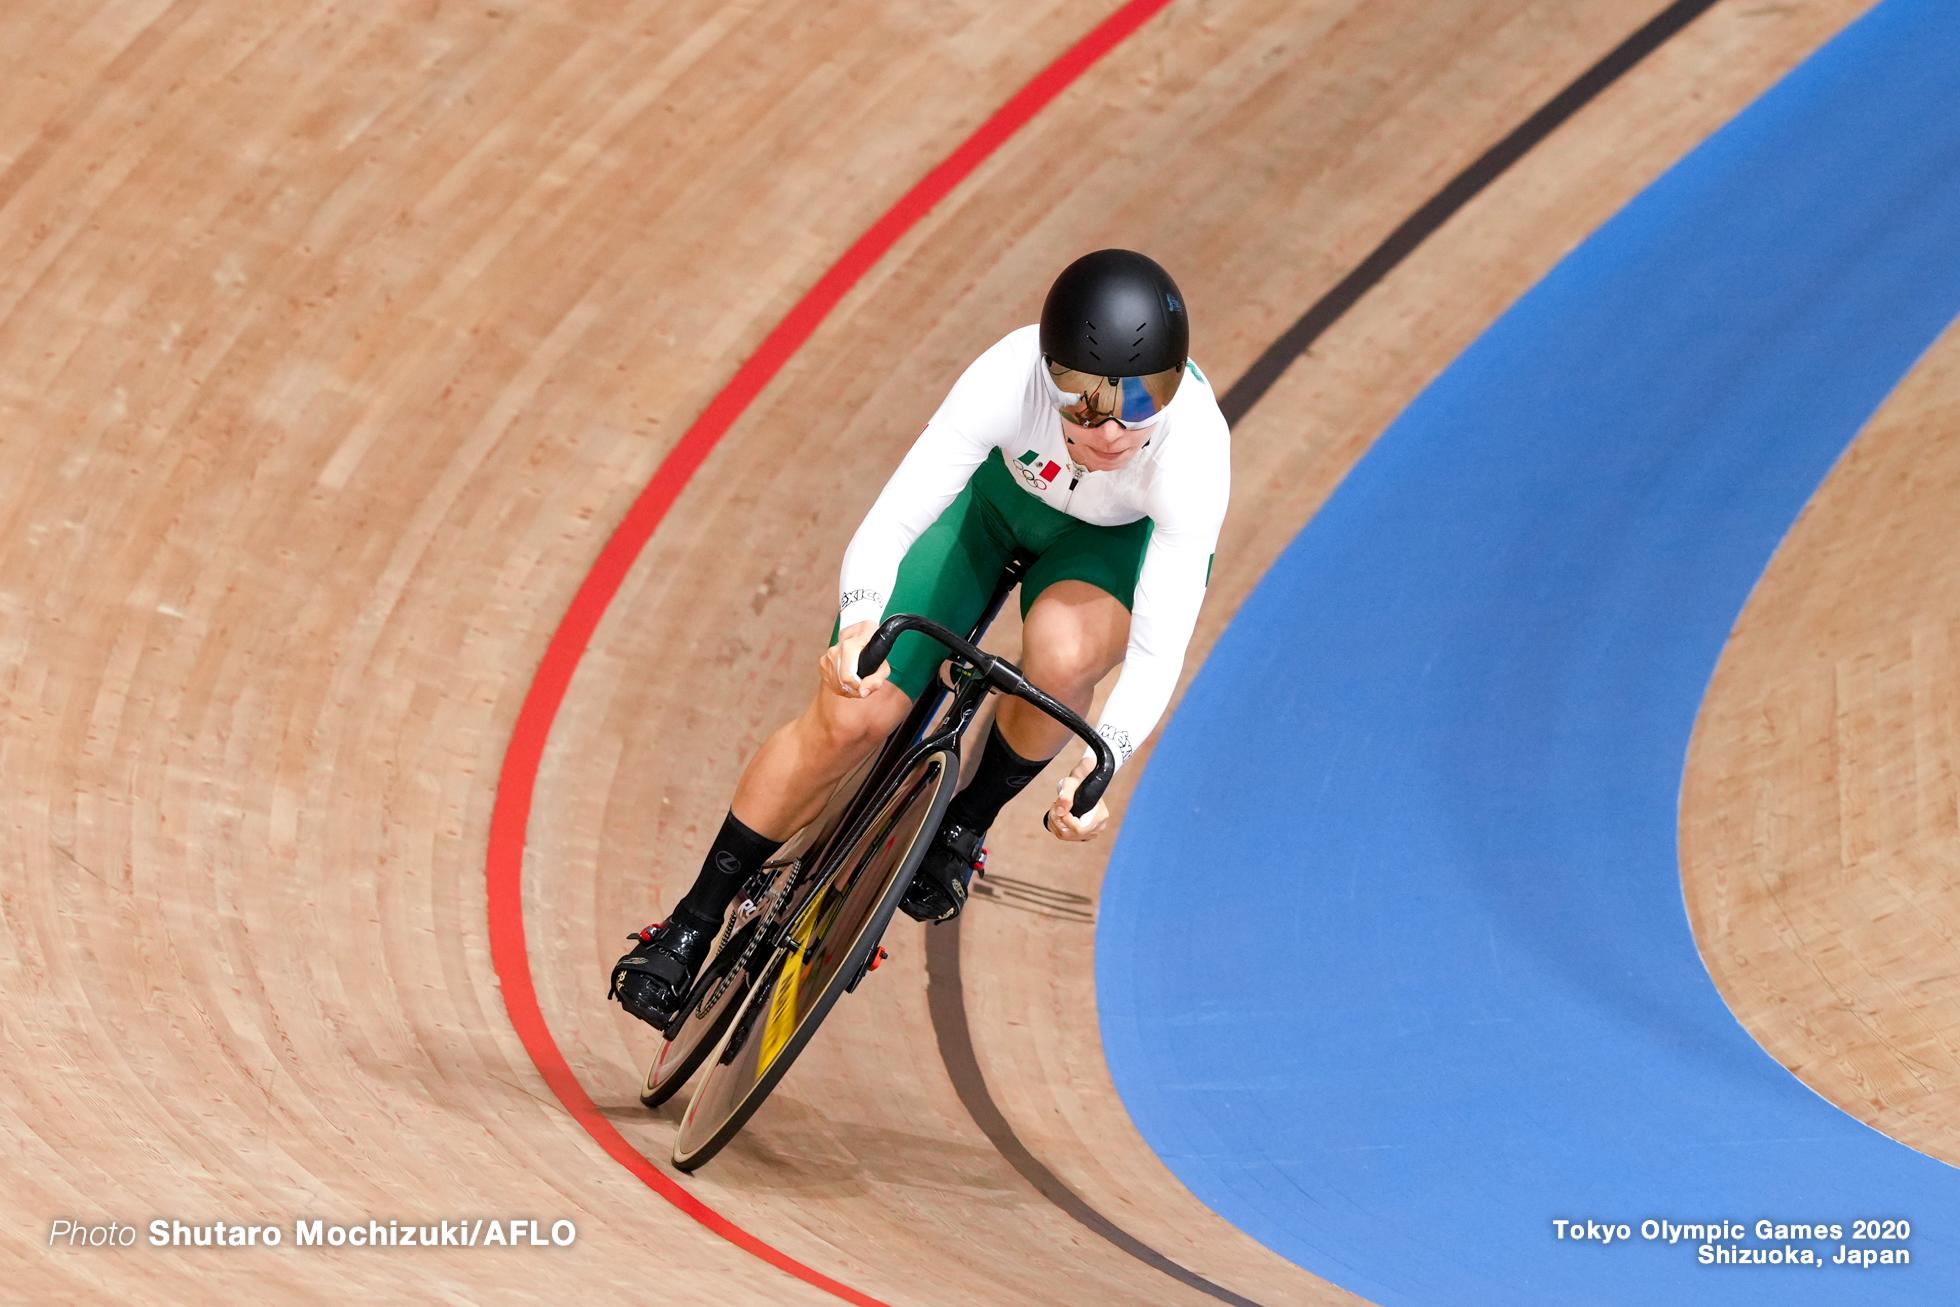 ルス ダニエラ・ガシオラ ゴンザレス Luz Daniela Gaxiola Gonzalez (MEX), Women's Sprint Qualifying AUGUST 6, 2021 - Cycling : during the Tokyo 2020 Olympic Games at the Izu Velodrome in Shizuoka, Japan. (Photo by Shutaro Mochizuki/AFLO)